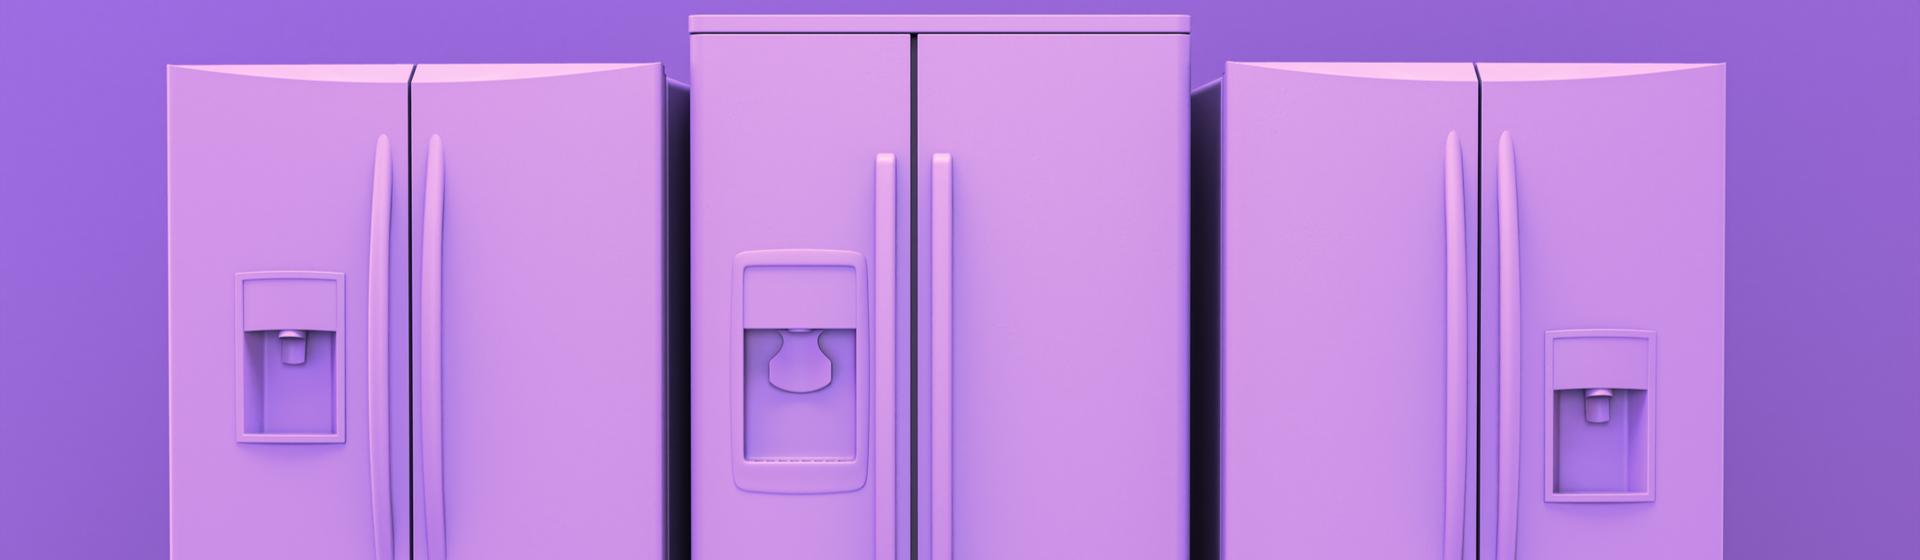 Comprar geladeira: como escolher a ideal para sua casa? [Guia de Compras]